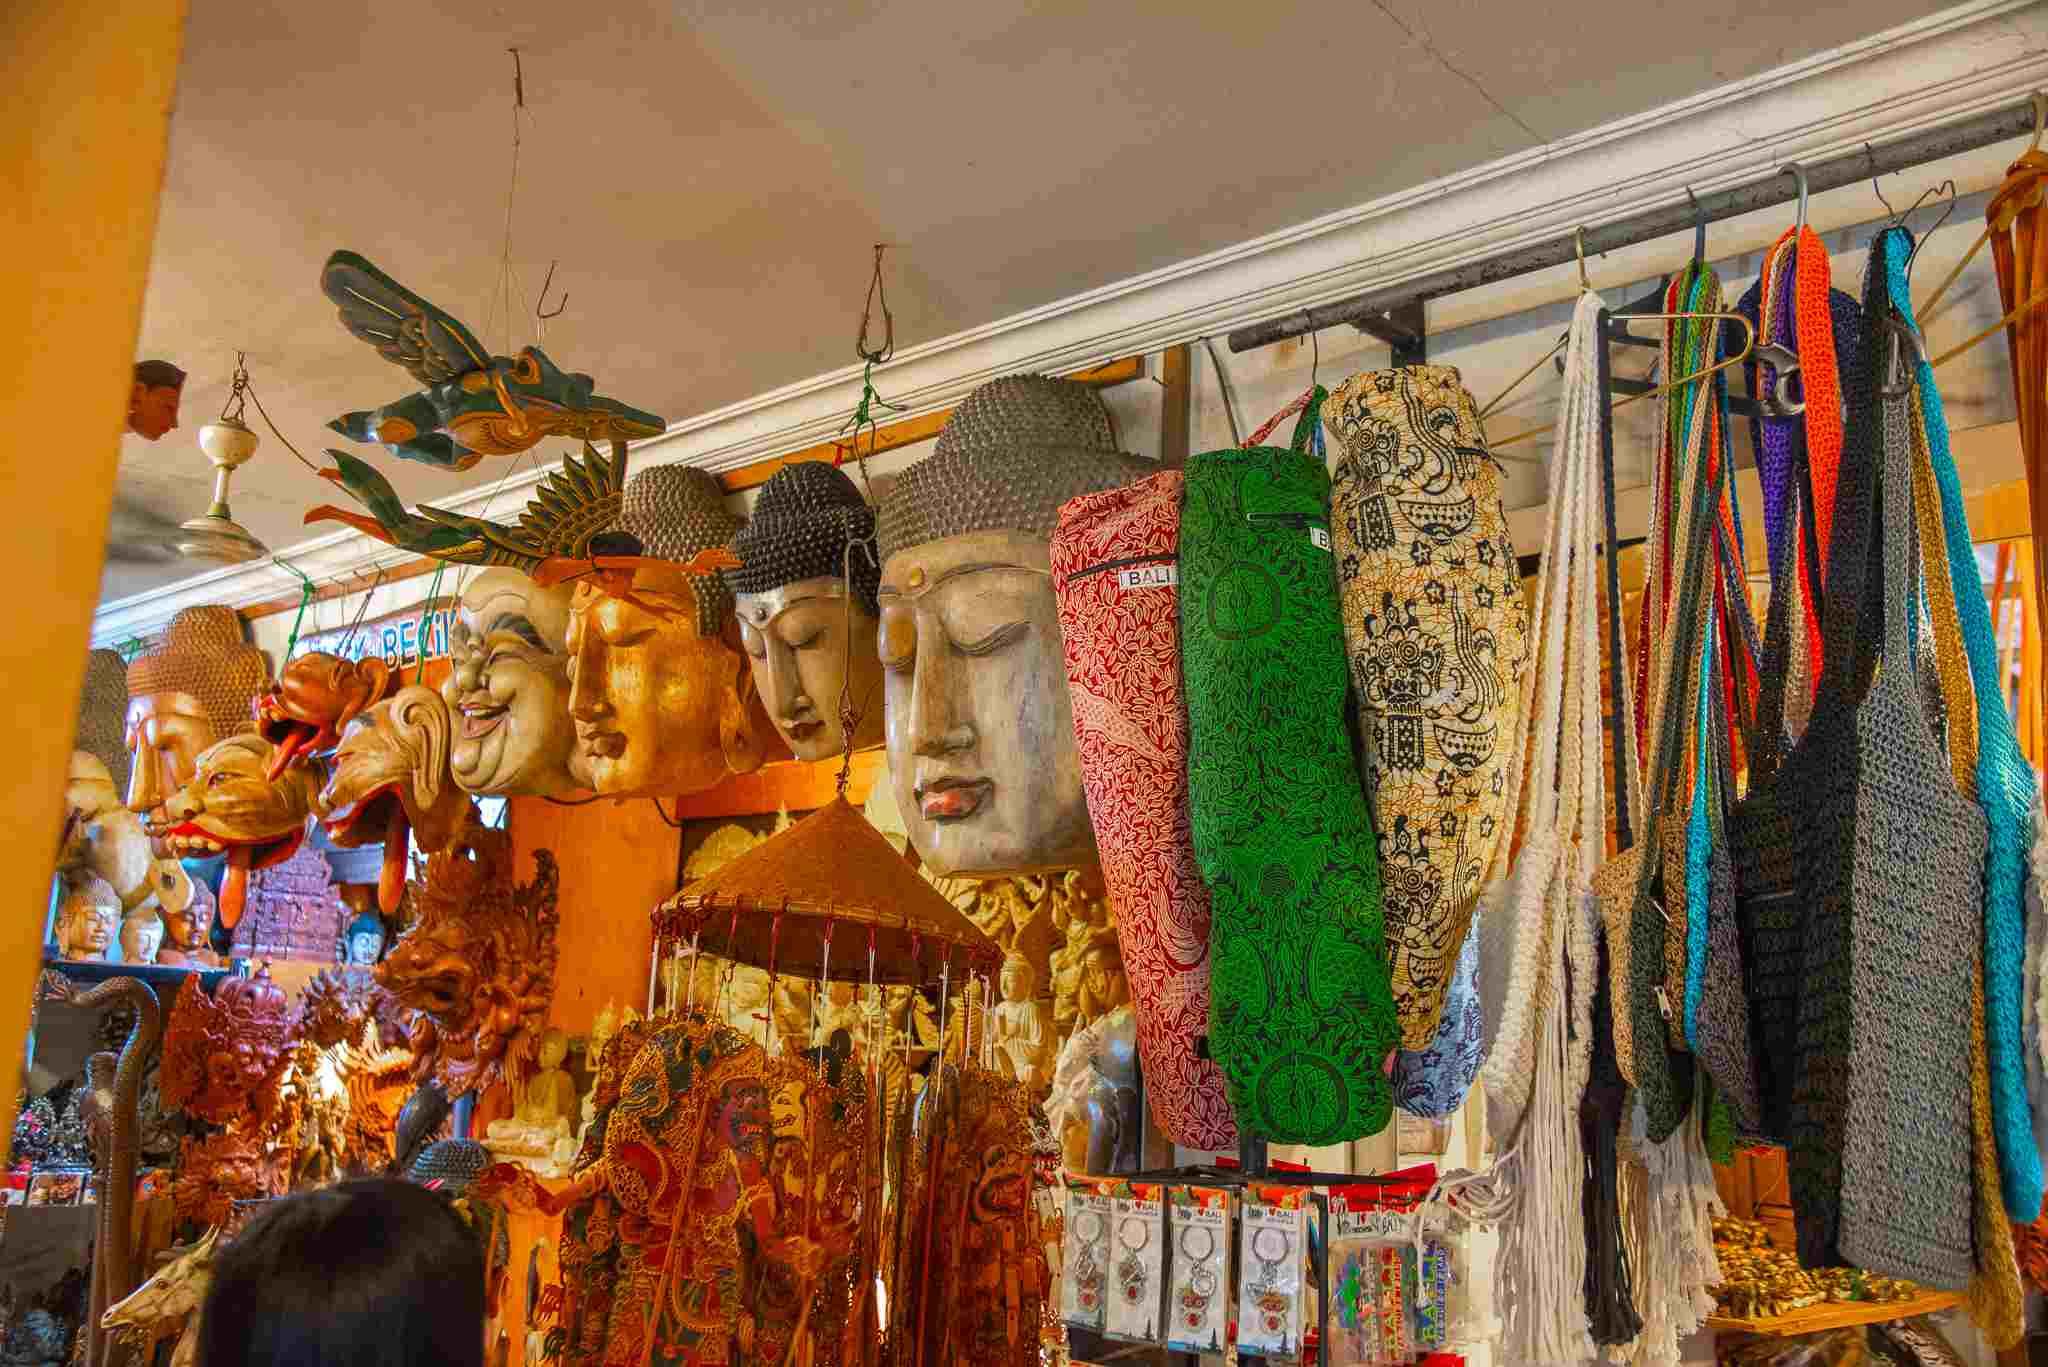 A shop in Ubud Bali